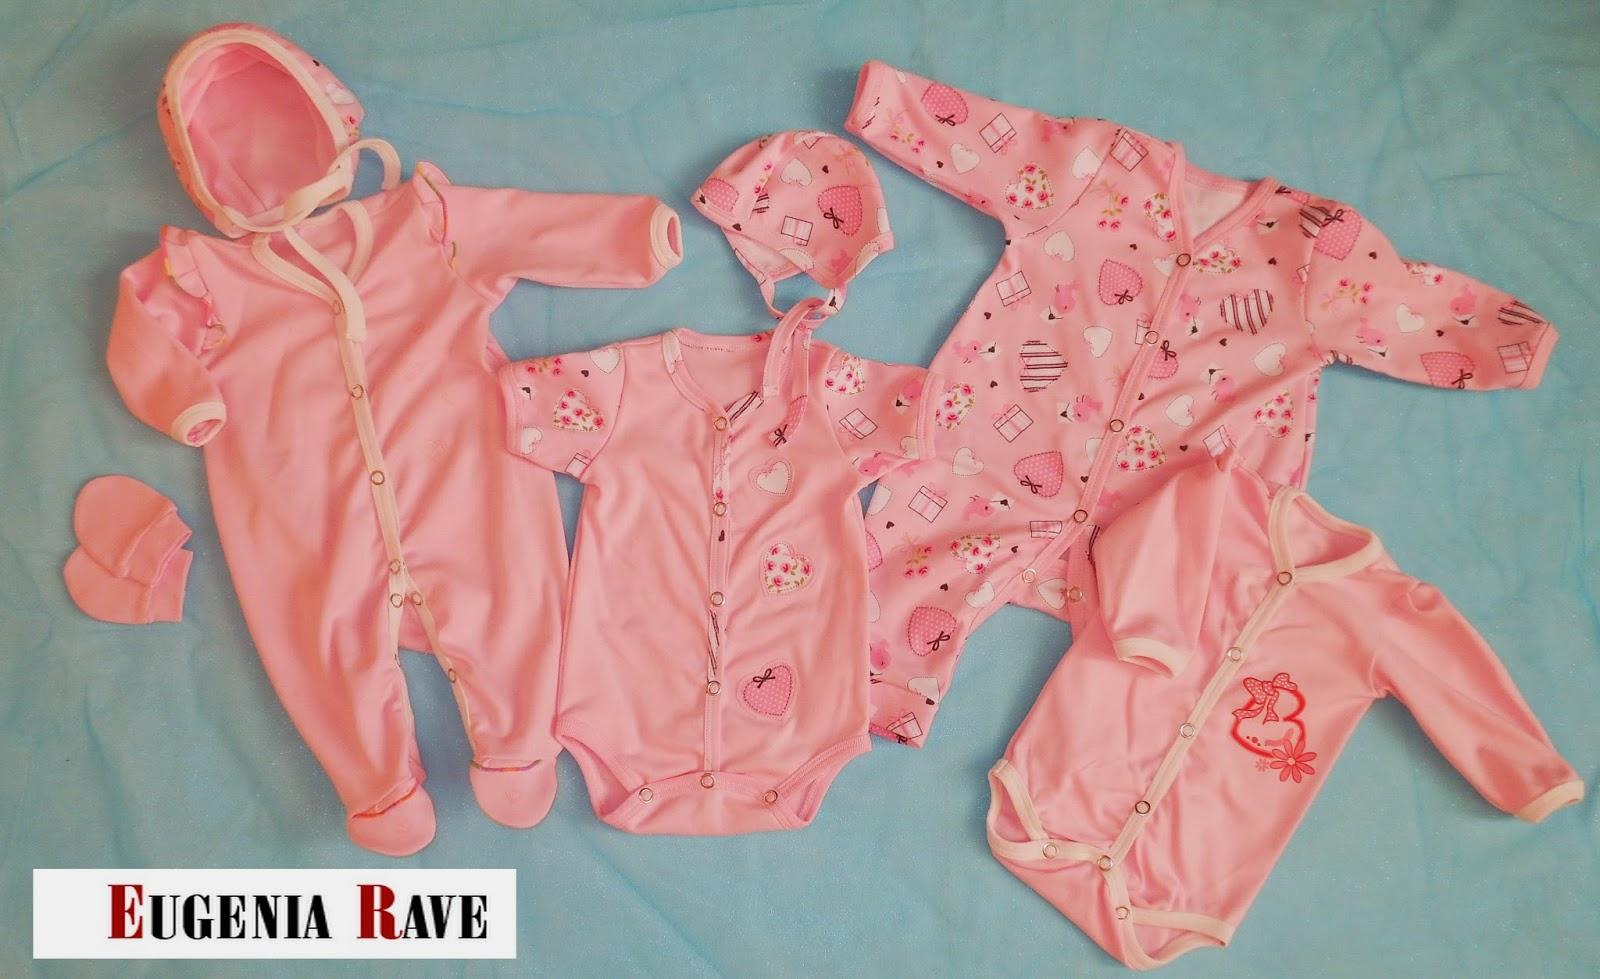 именные комплекты для выписки, для новорожденных, одежда для новорожденных